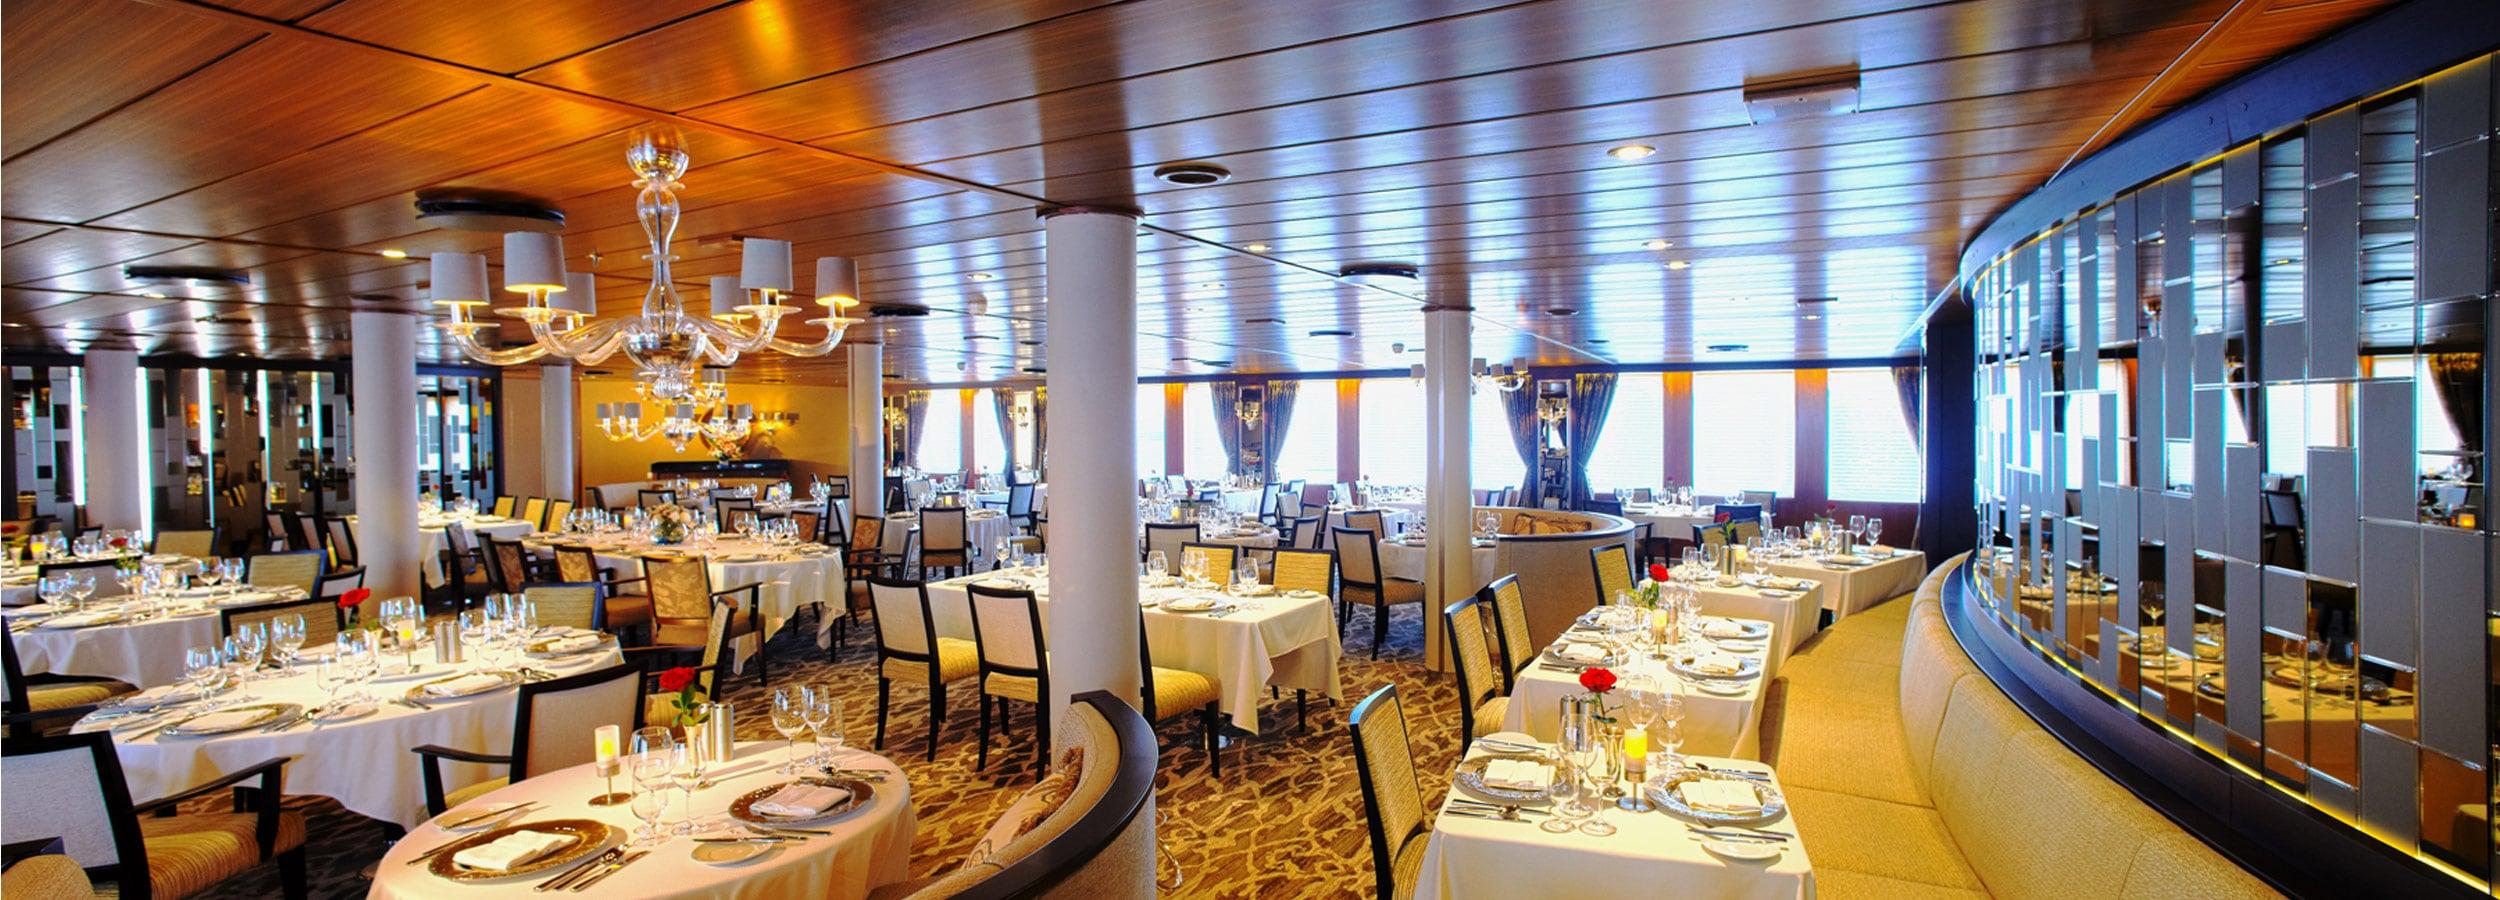 Speisesaal oder Konferenzraum - Kreuzfahrtsegler bieten eine enorme Flexibilität bei der Nutzung ihrer Räumlichkeiten.